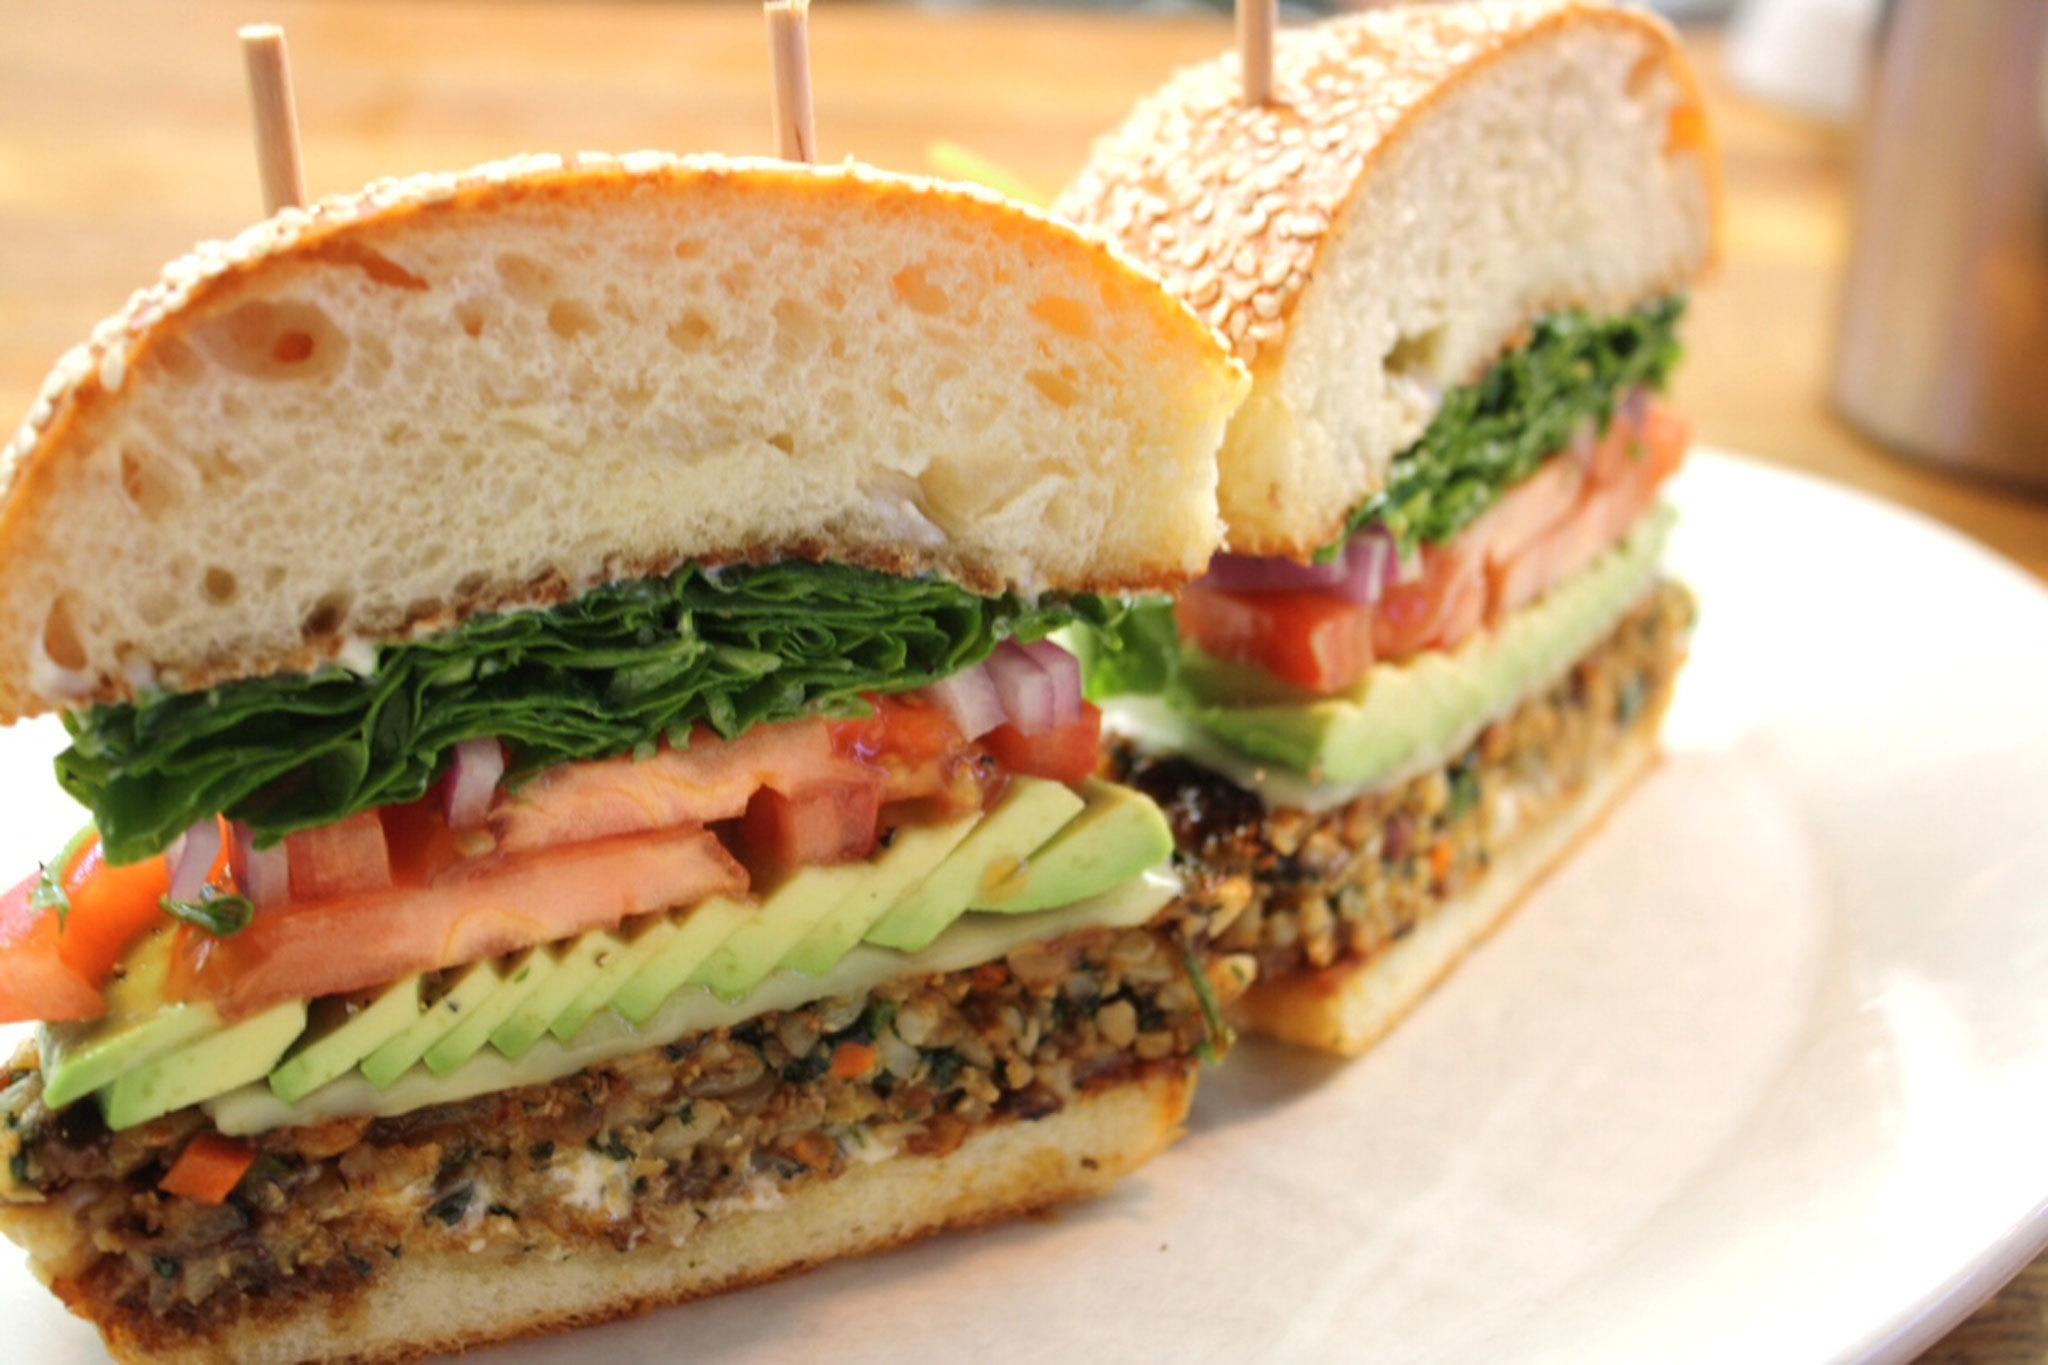 Images of Veggie Burger | 2048x1365